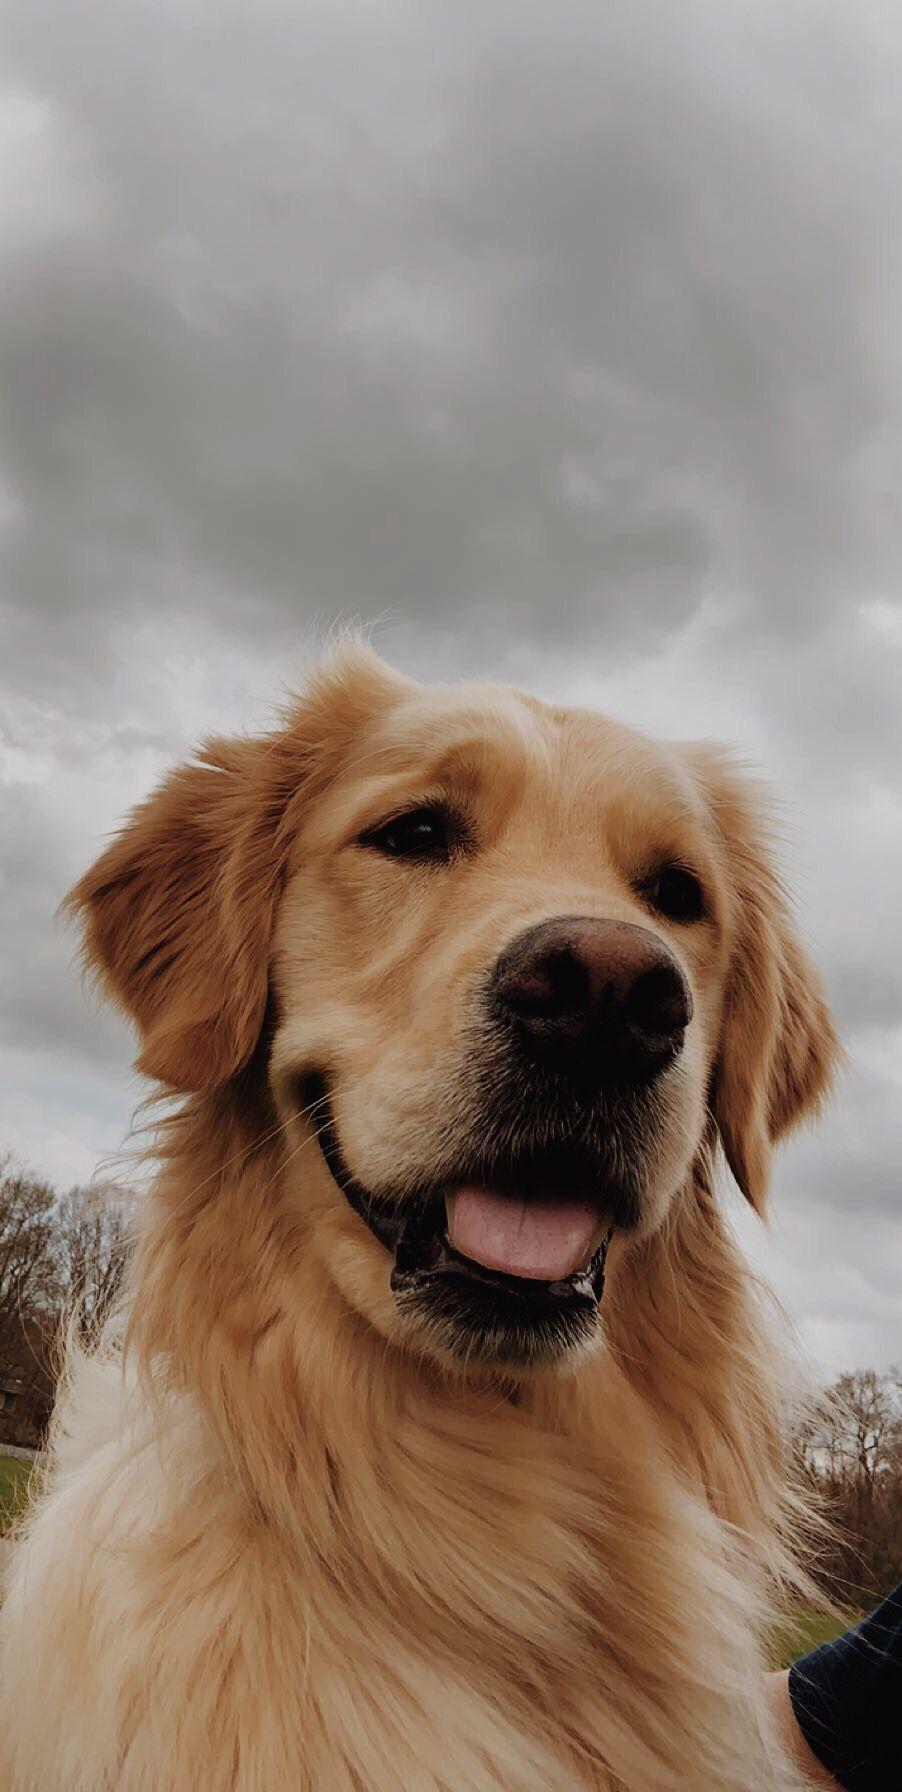 Lovedreams Cute Dog Wallpaper Dog Wallpaper